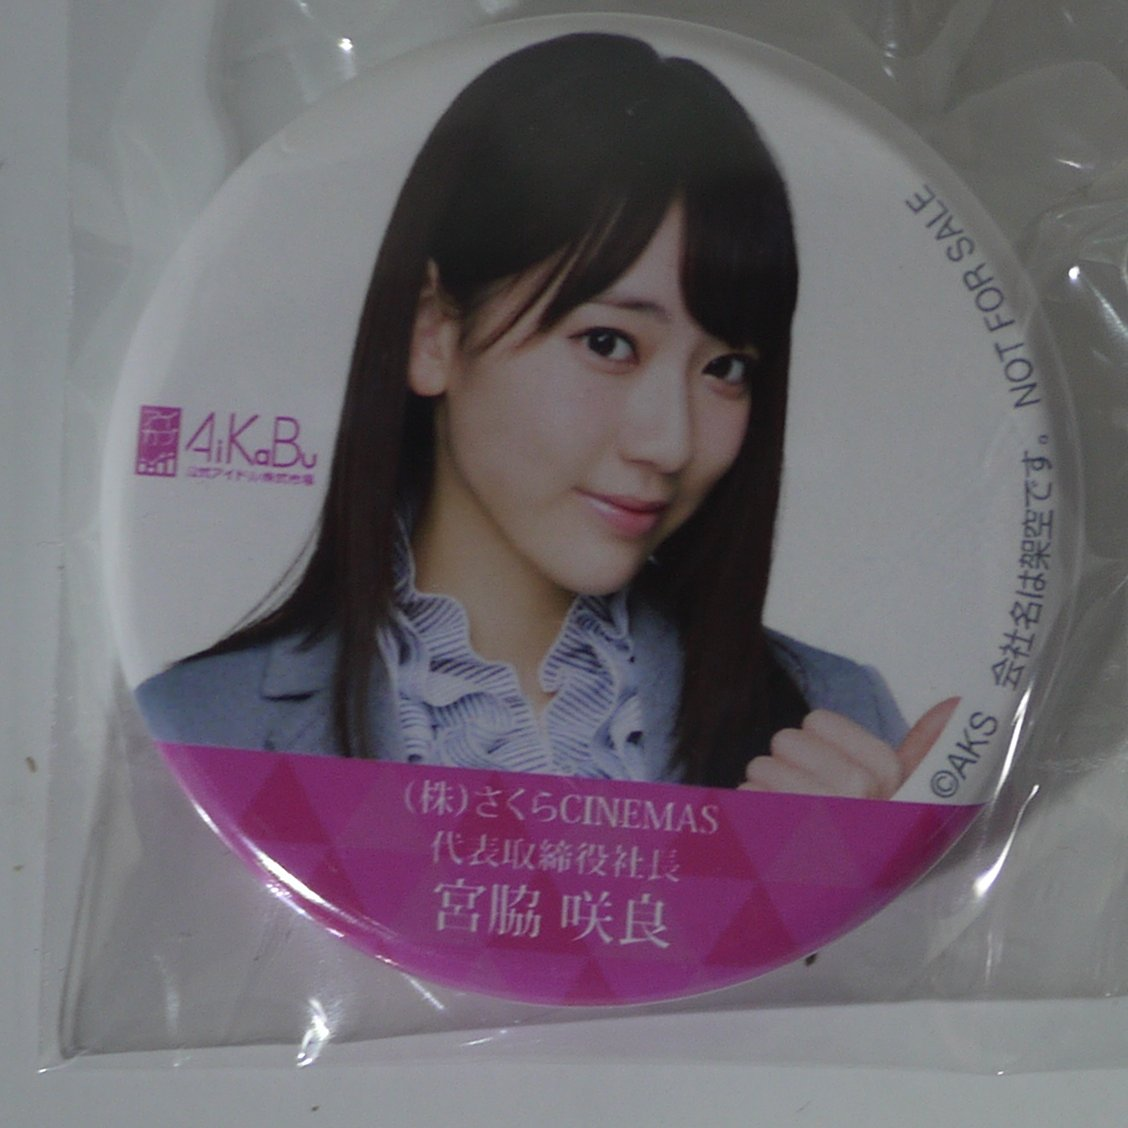 宮脇咲良 HKT48 AKB48 Aikabu アイカブ 写名刺柄バッジ